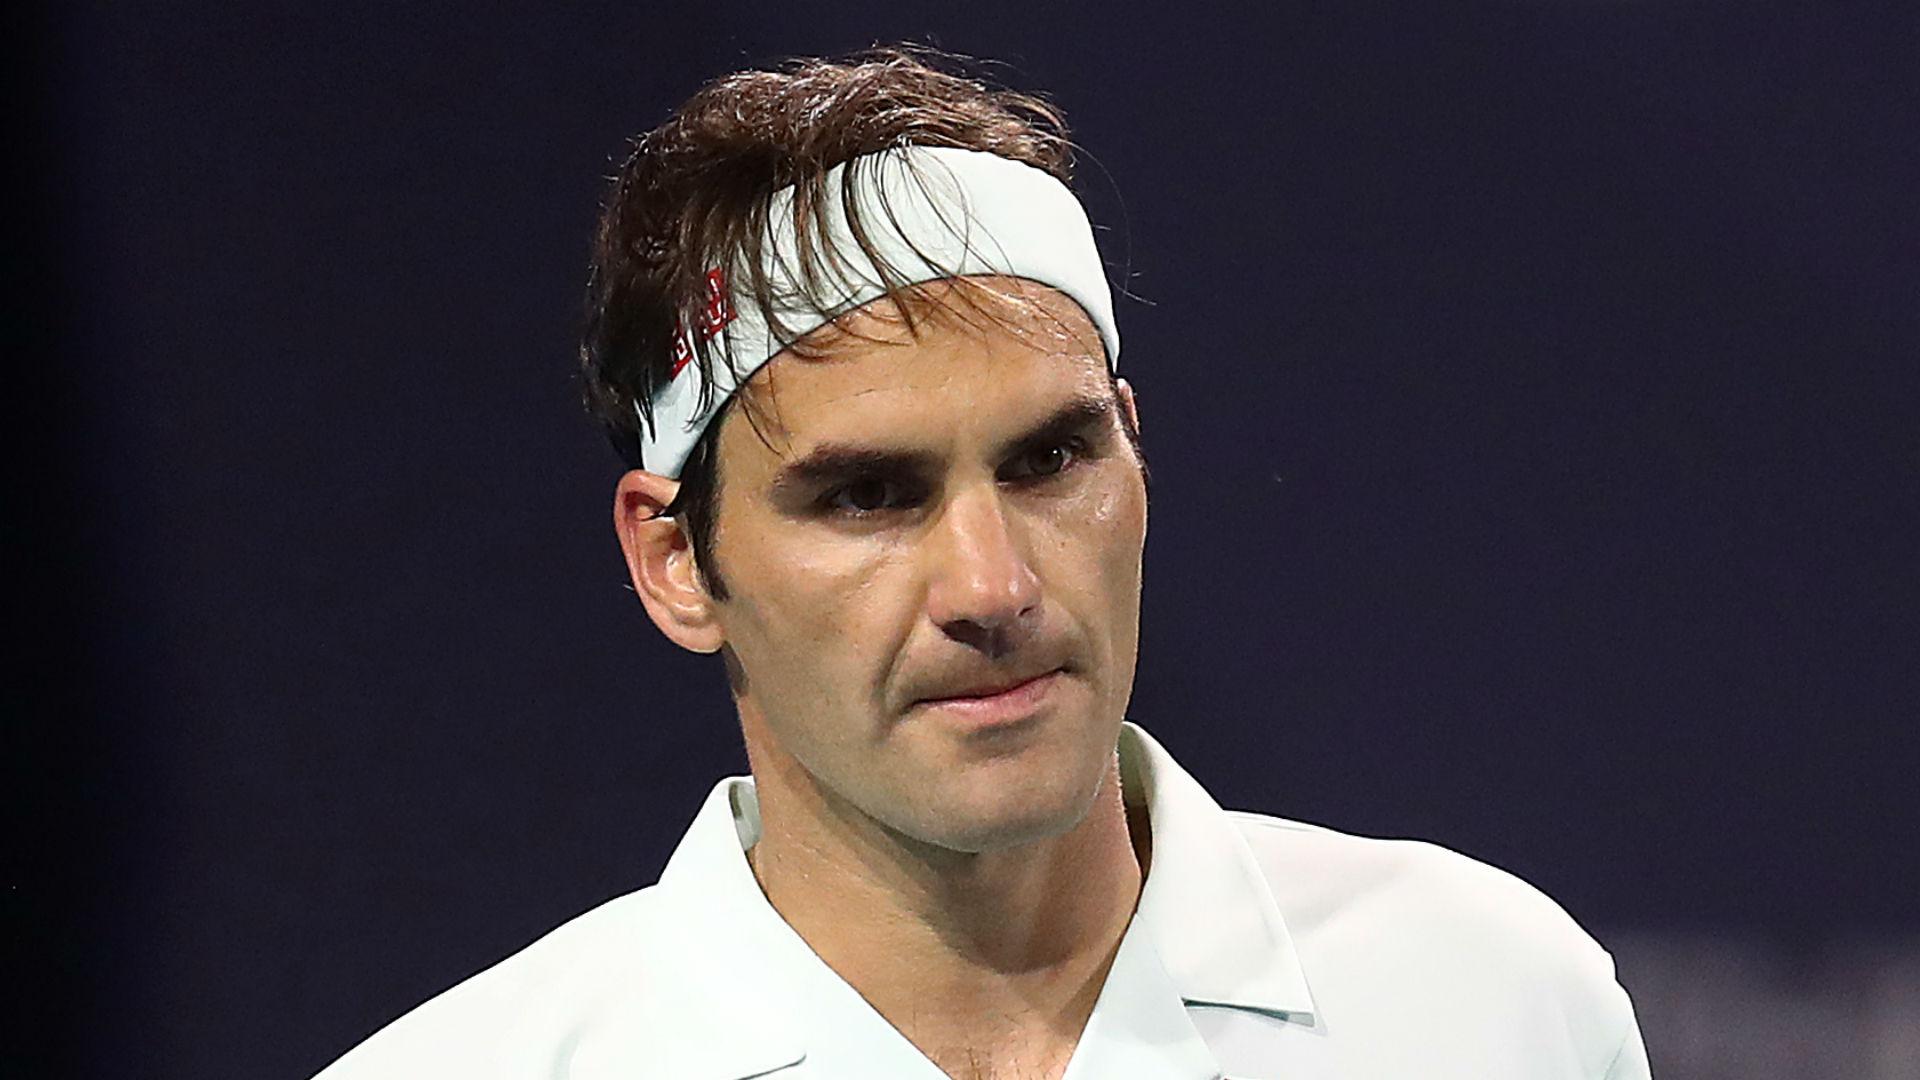 Federer sails through to fourth round in Miami